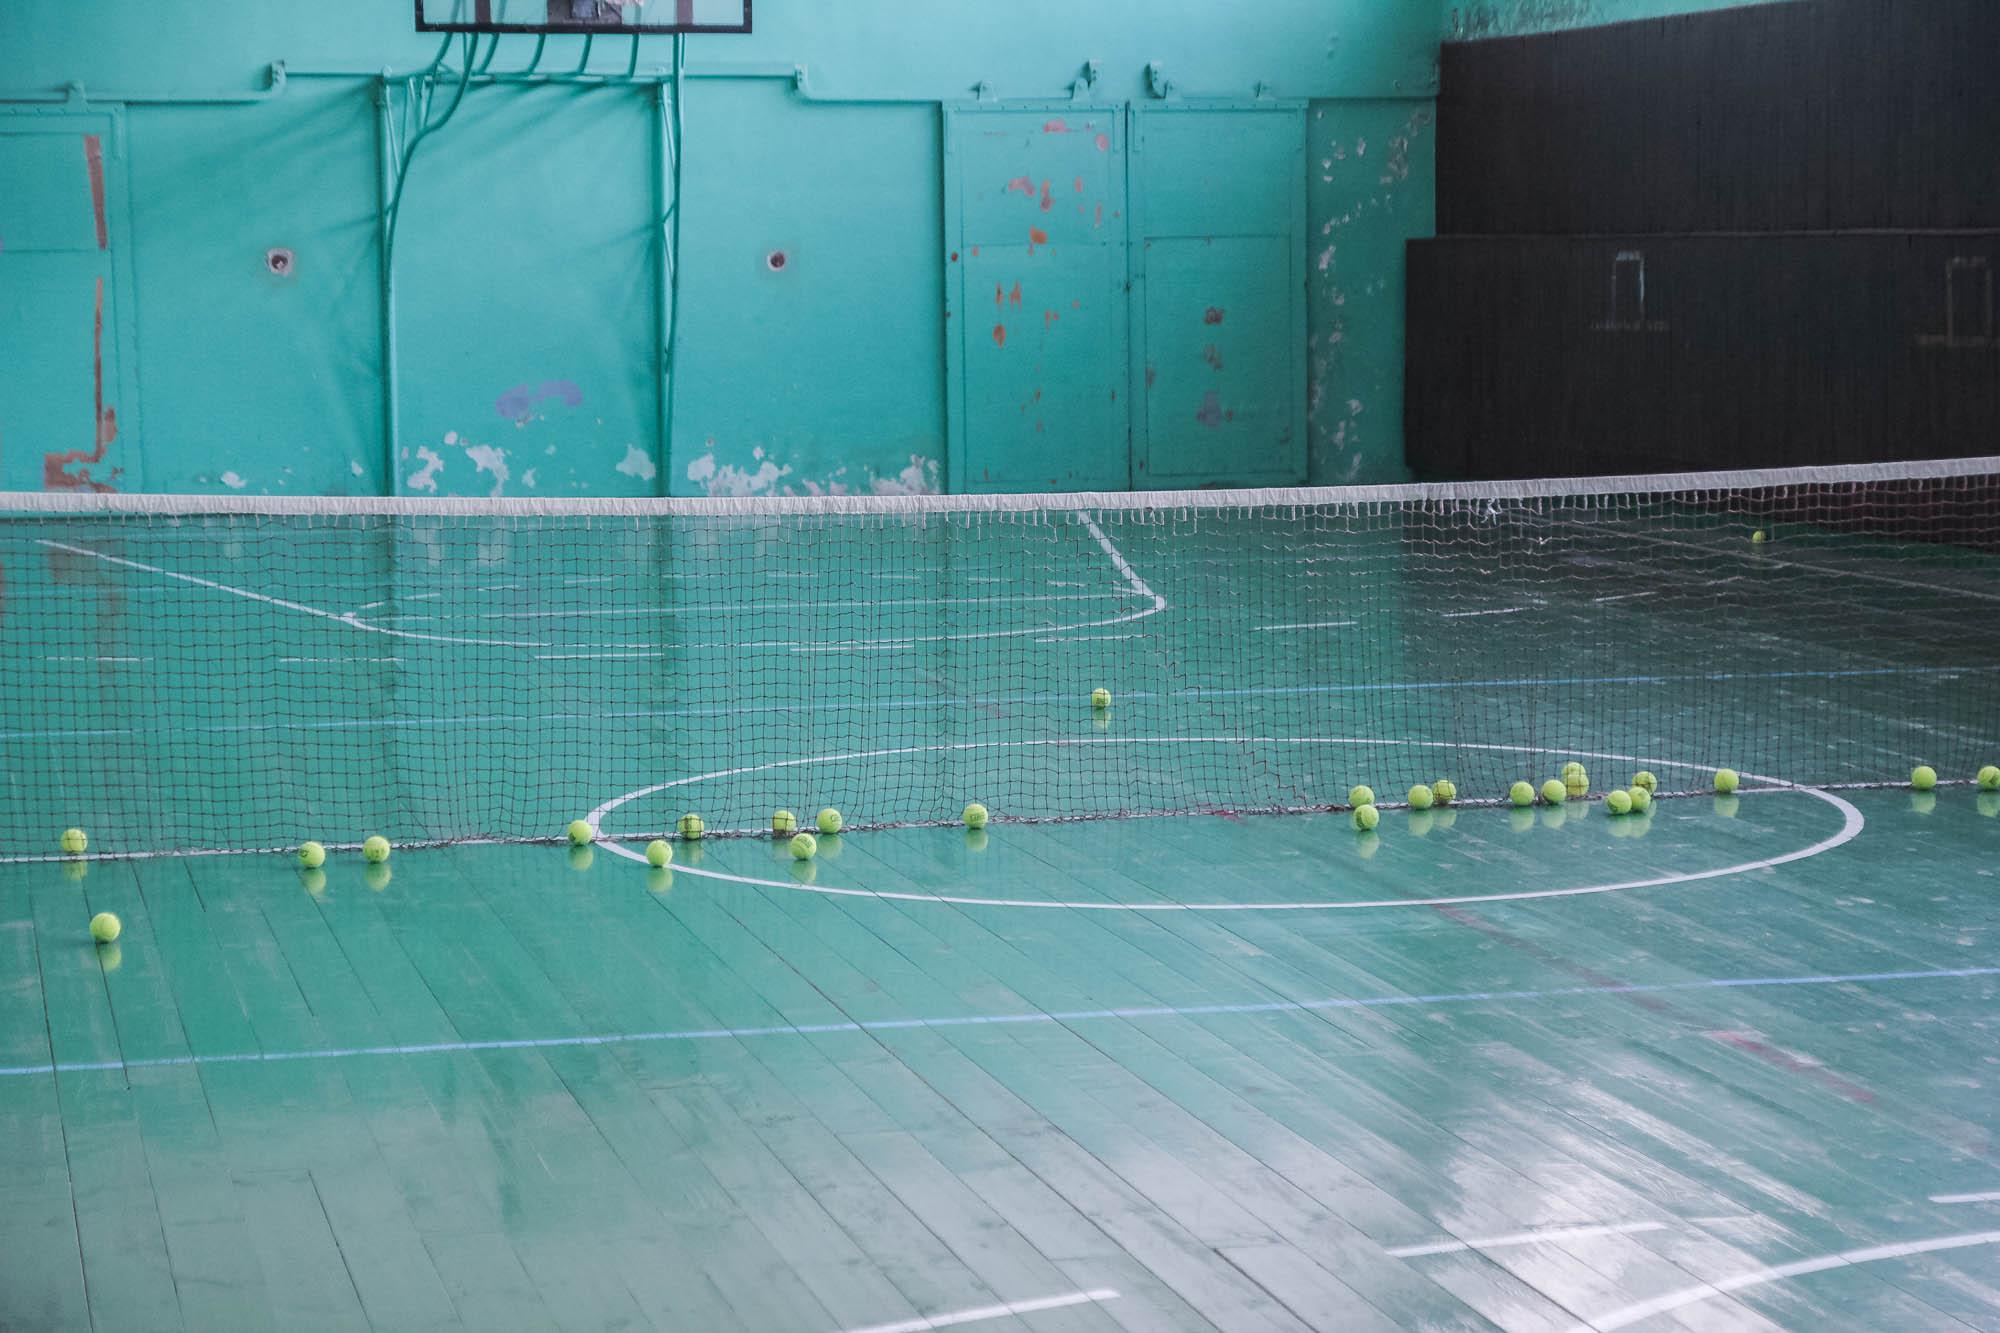 Зал, де займаються тенісом, волейболом та баскетболом. Фото: Цукр